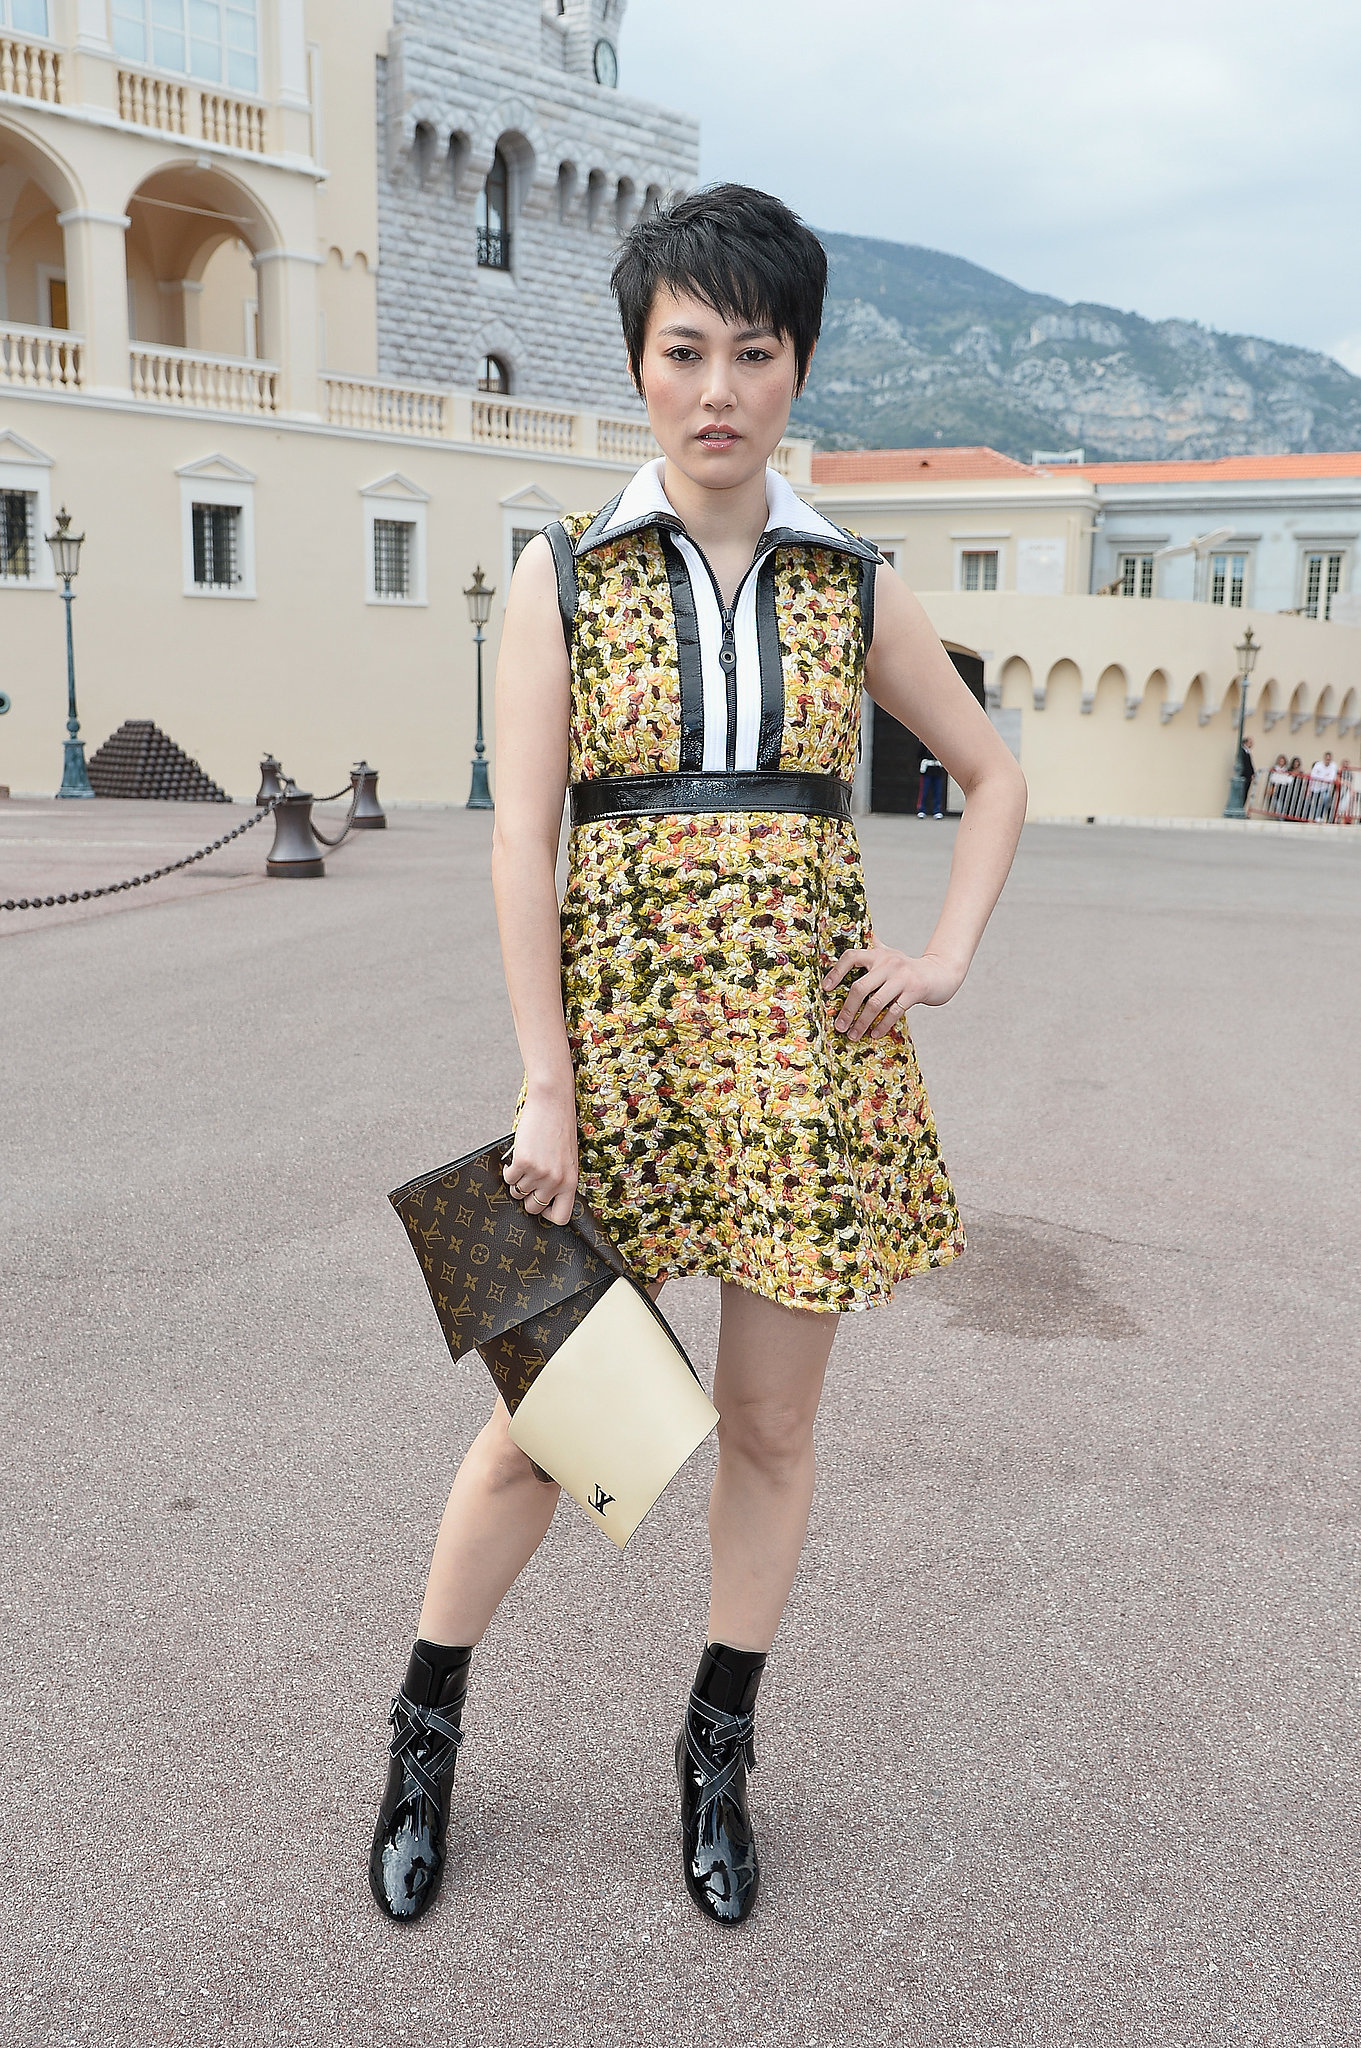 Rinko Kikuchi Carrying Louis Vuitton